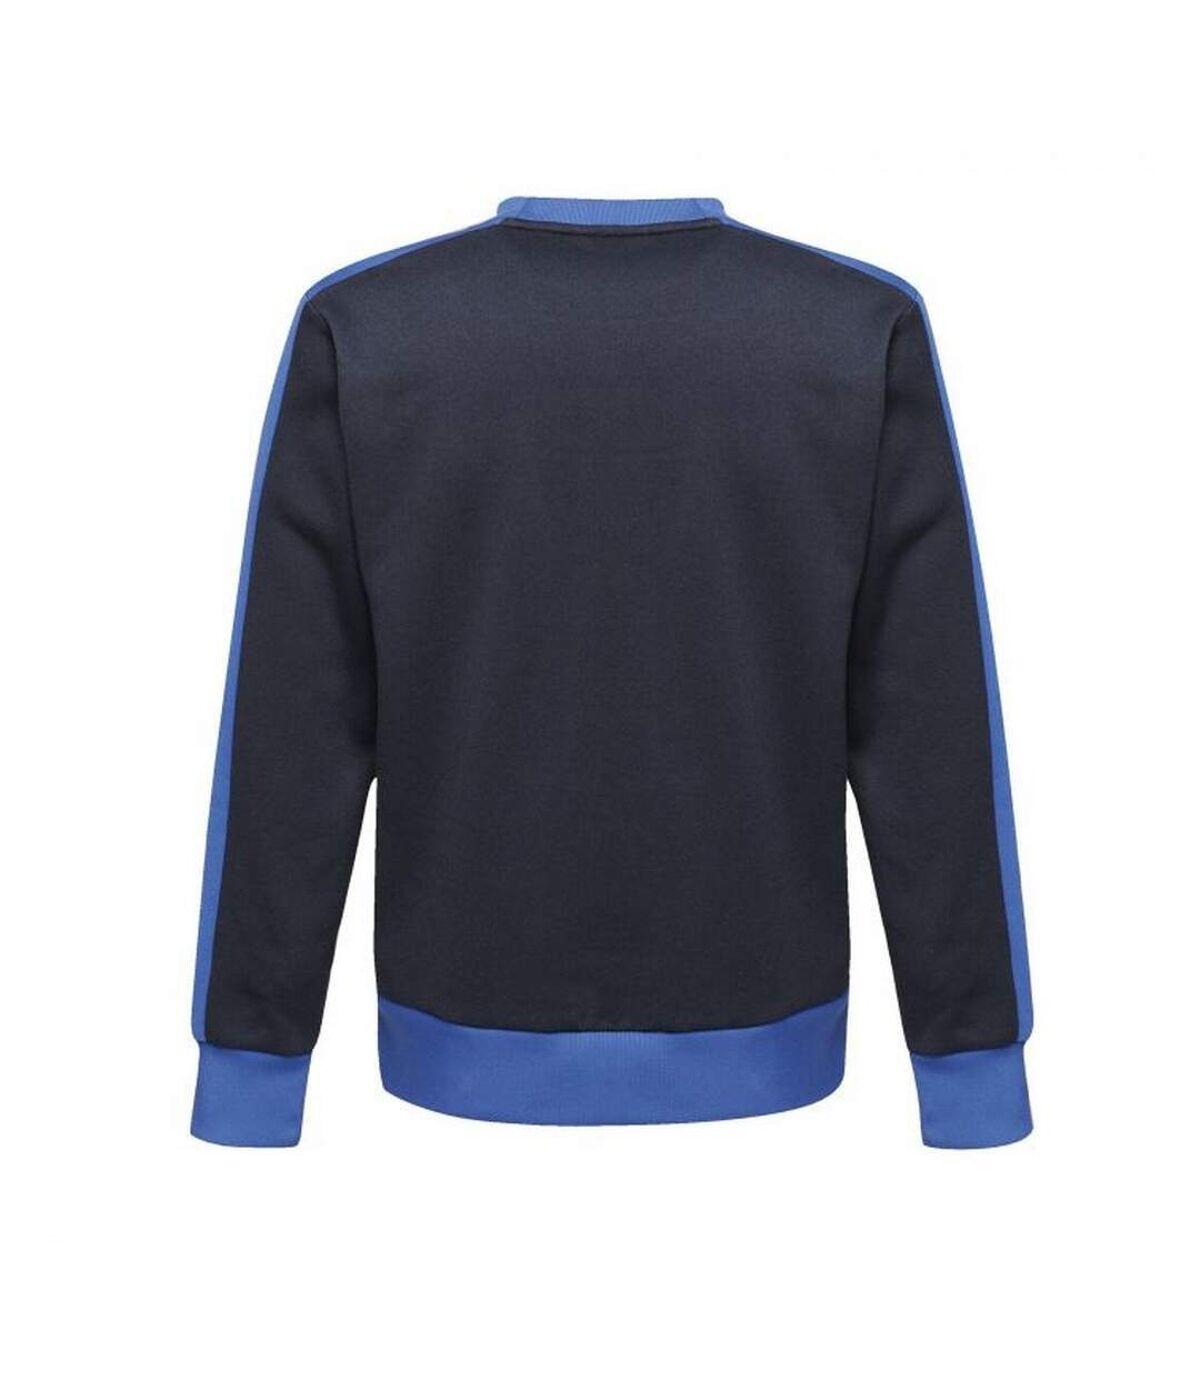 Regatta Pull ras du cou contrasté pour hommes (Marine/Nouveau bleu royal) - UTRW6520